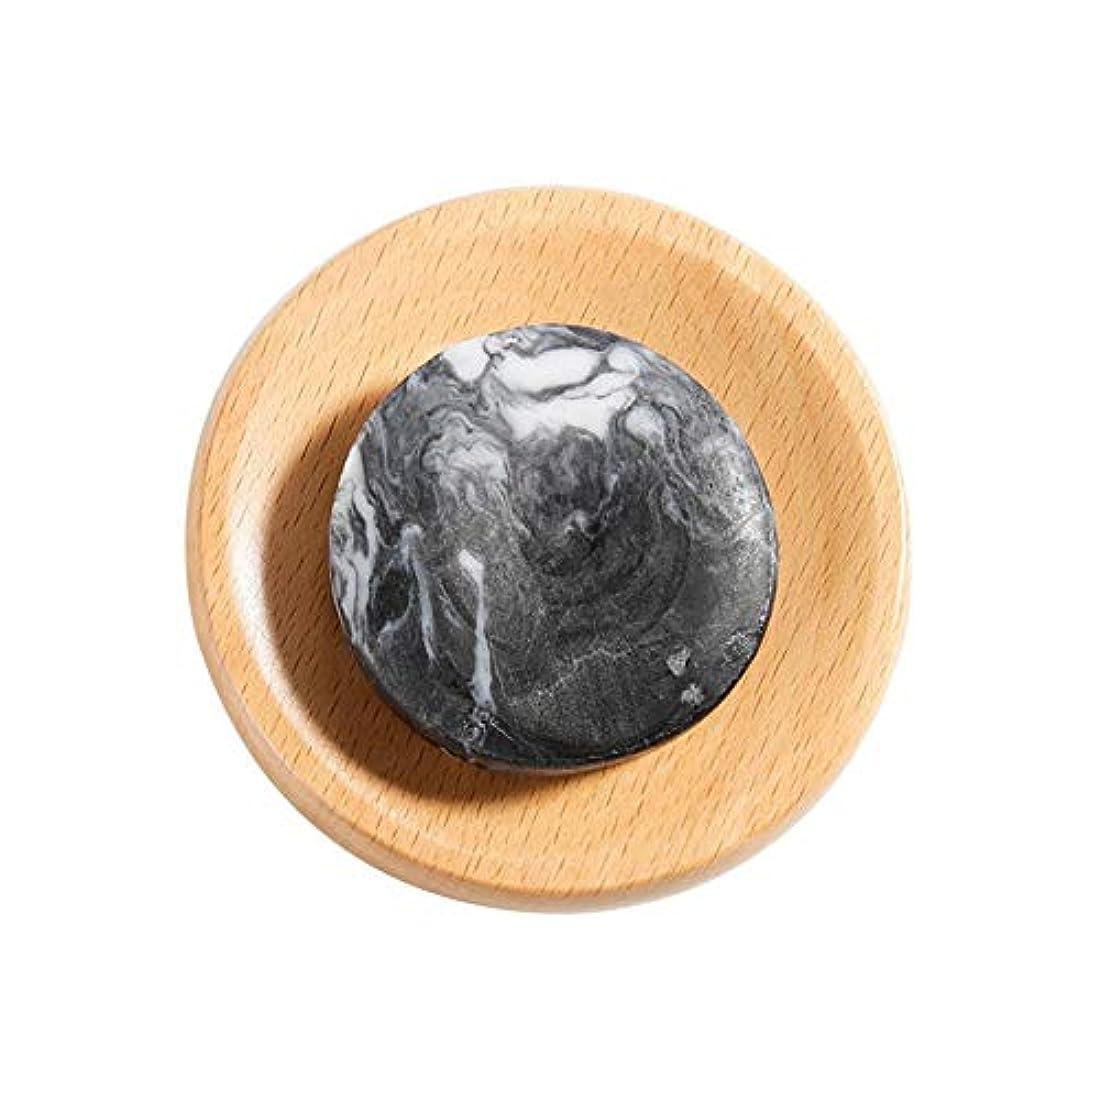 ダーリン具体的に沈黙火山泥 石鹸 美白 ボディクリア 抗菌 スキンケア 腹ステッカー5枚付き hjuns-Wu